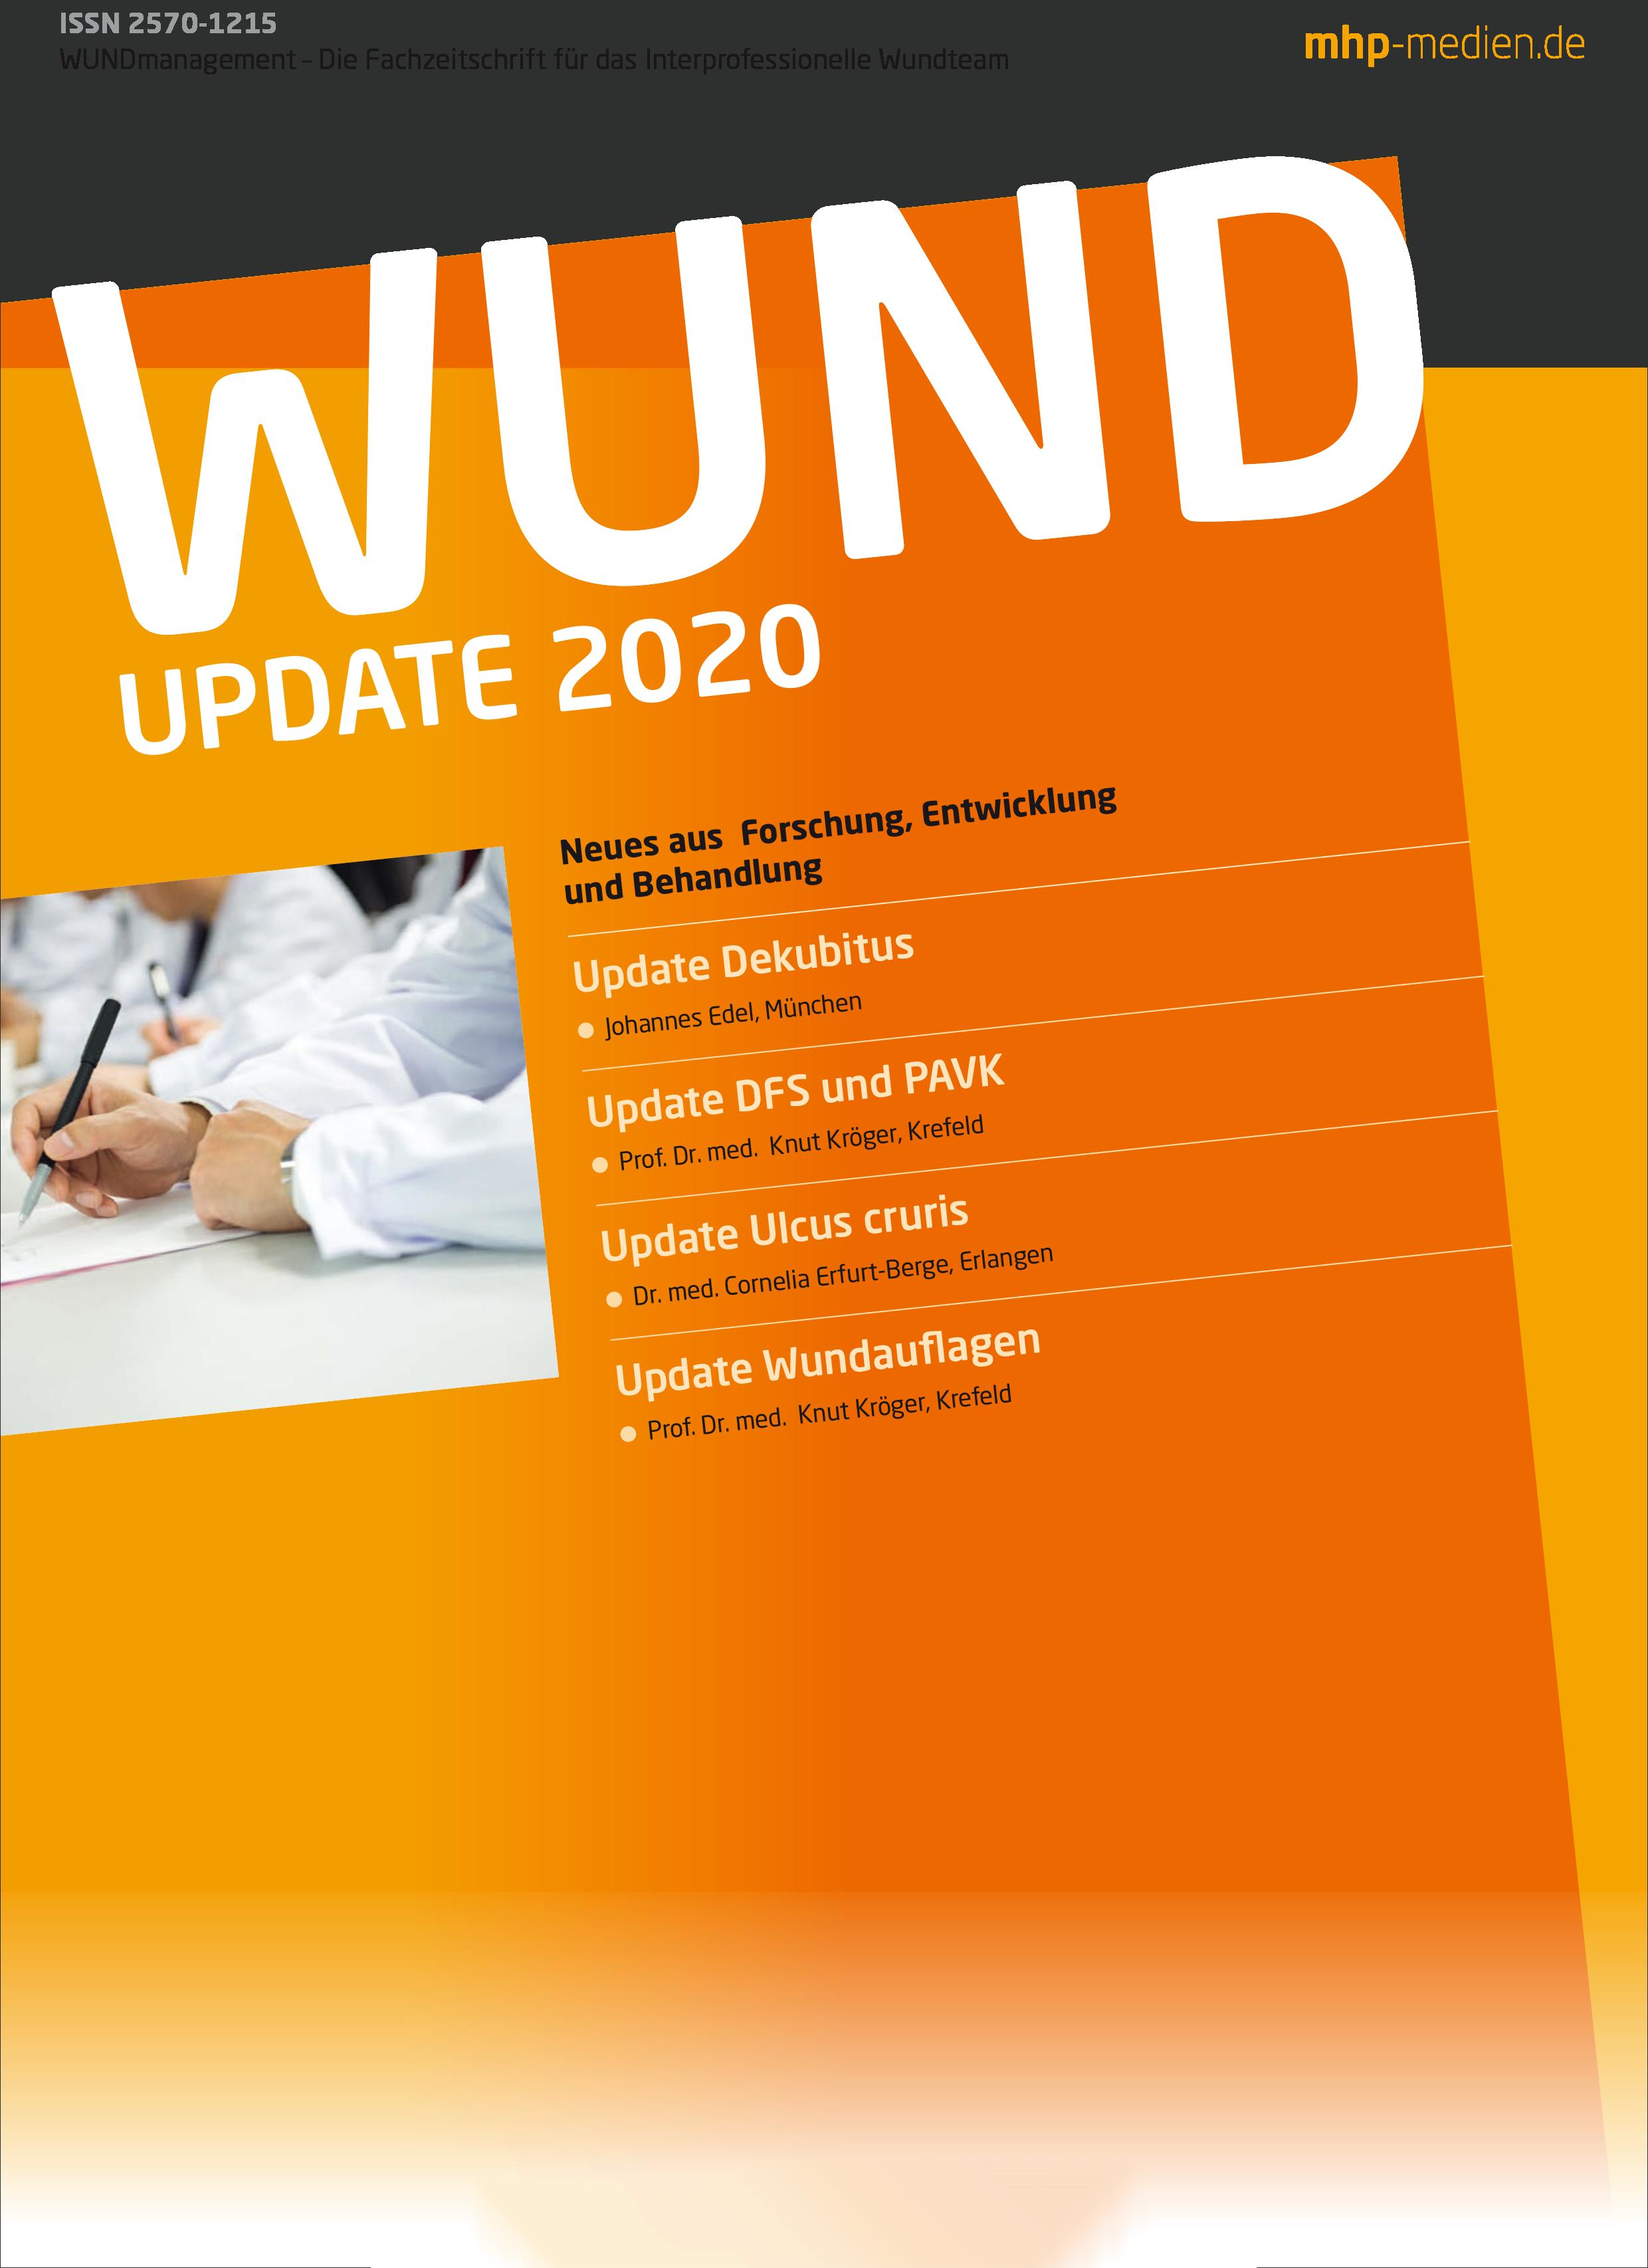 WUND Update 20